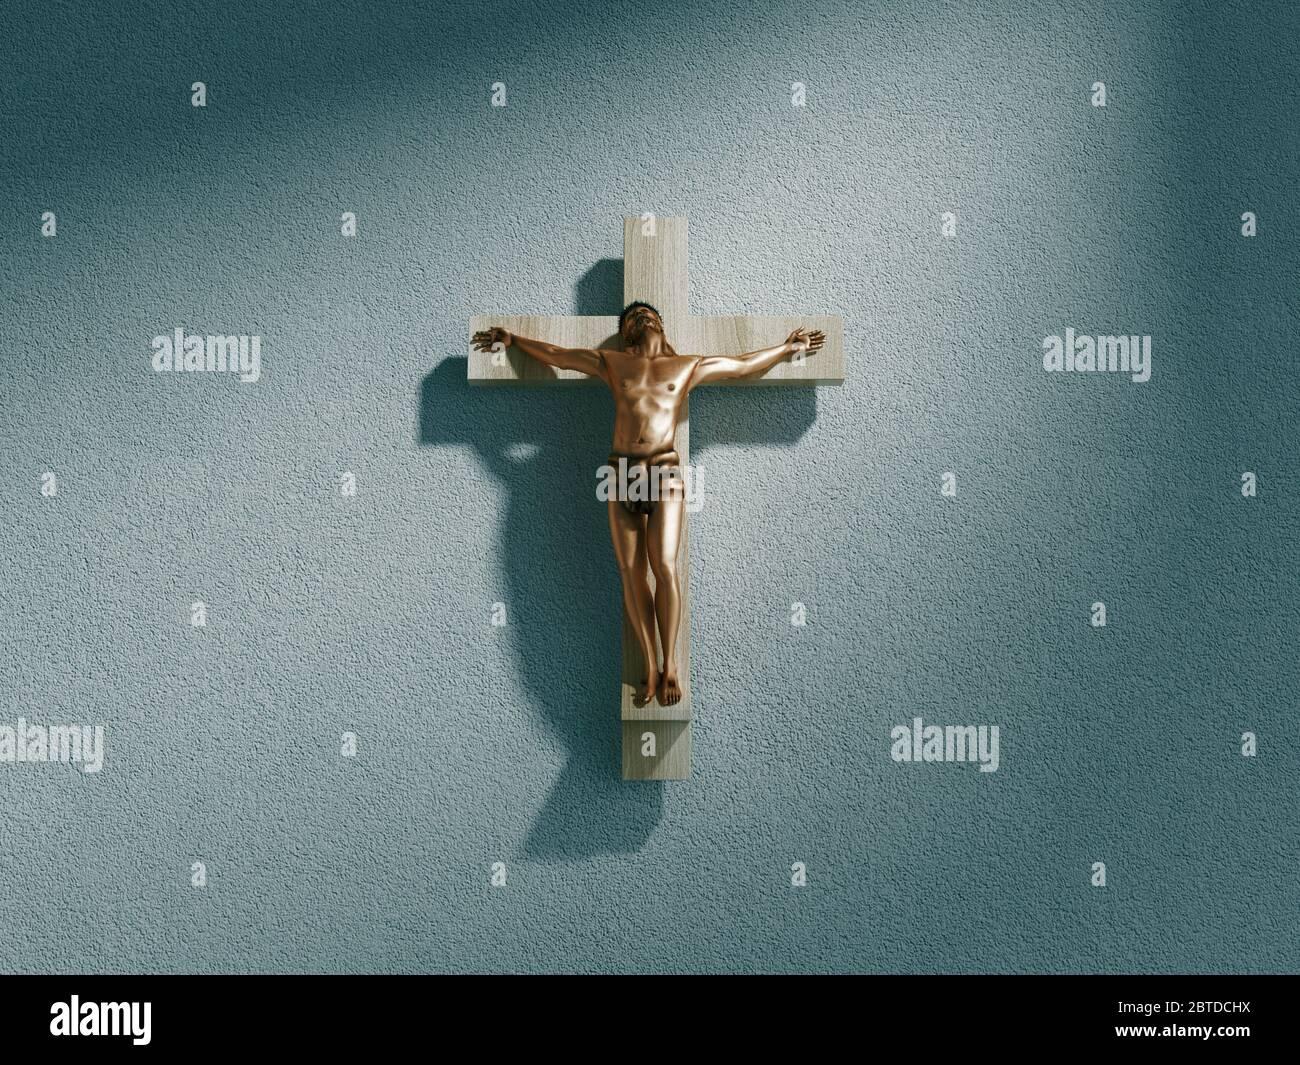 Crucifijo en la pared en el foco dentro de la iglesia oscura antigua o la catedral. Jesucristo en la cruz. Religión, creencia y esperanza. Lugares sagrados y sagrados. 3d Foto de stock